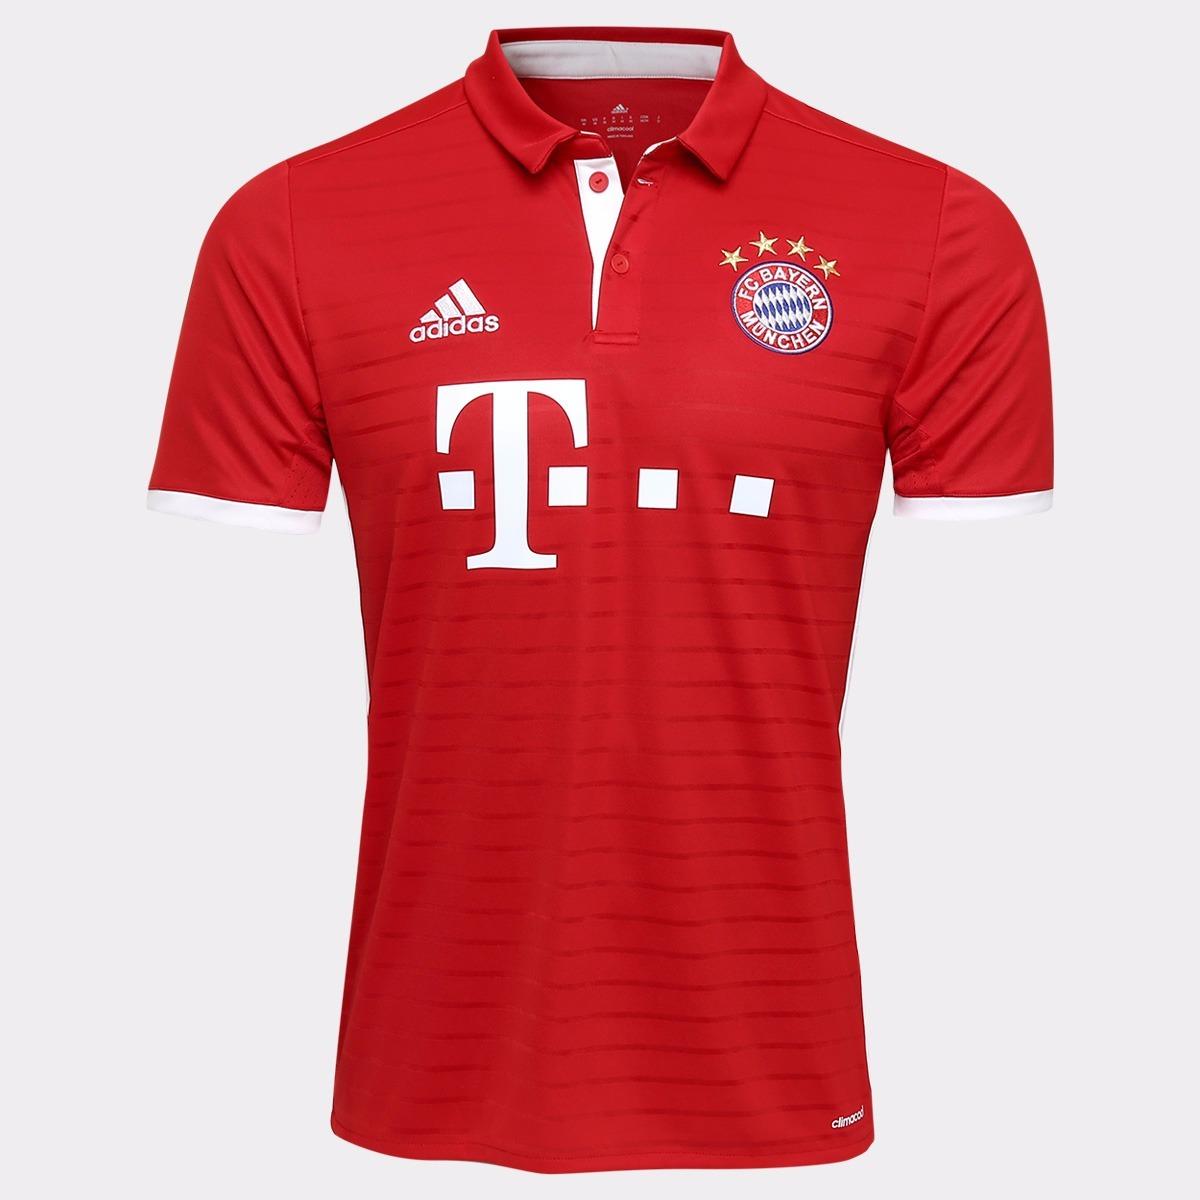 camisa do bayern de munique vermelha branca adidas jogador. Carregando zoom. eba53d3c5120e